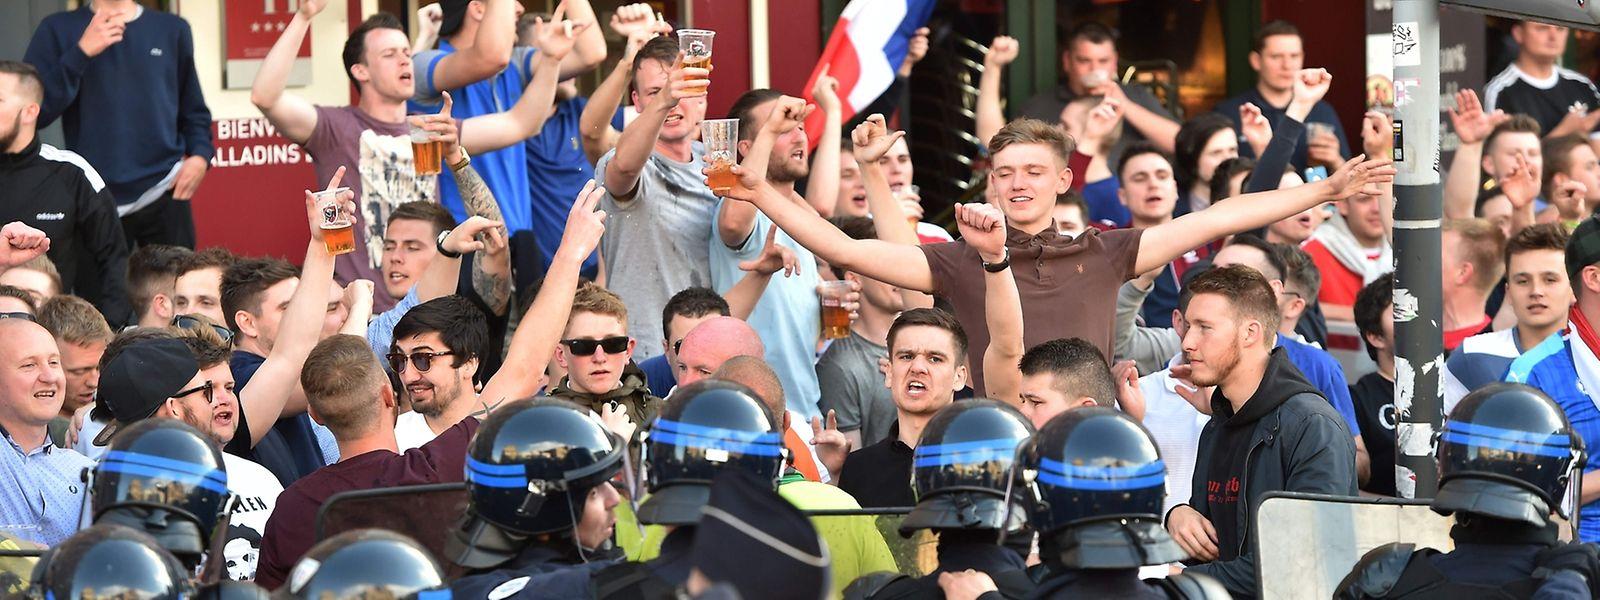 Die französische Polizei hält die gewaltbereiten Fans in Schach.